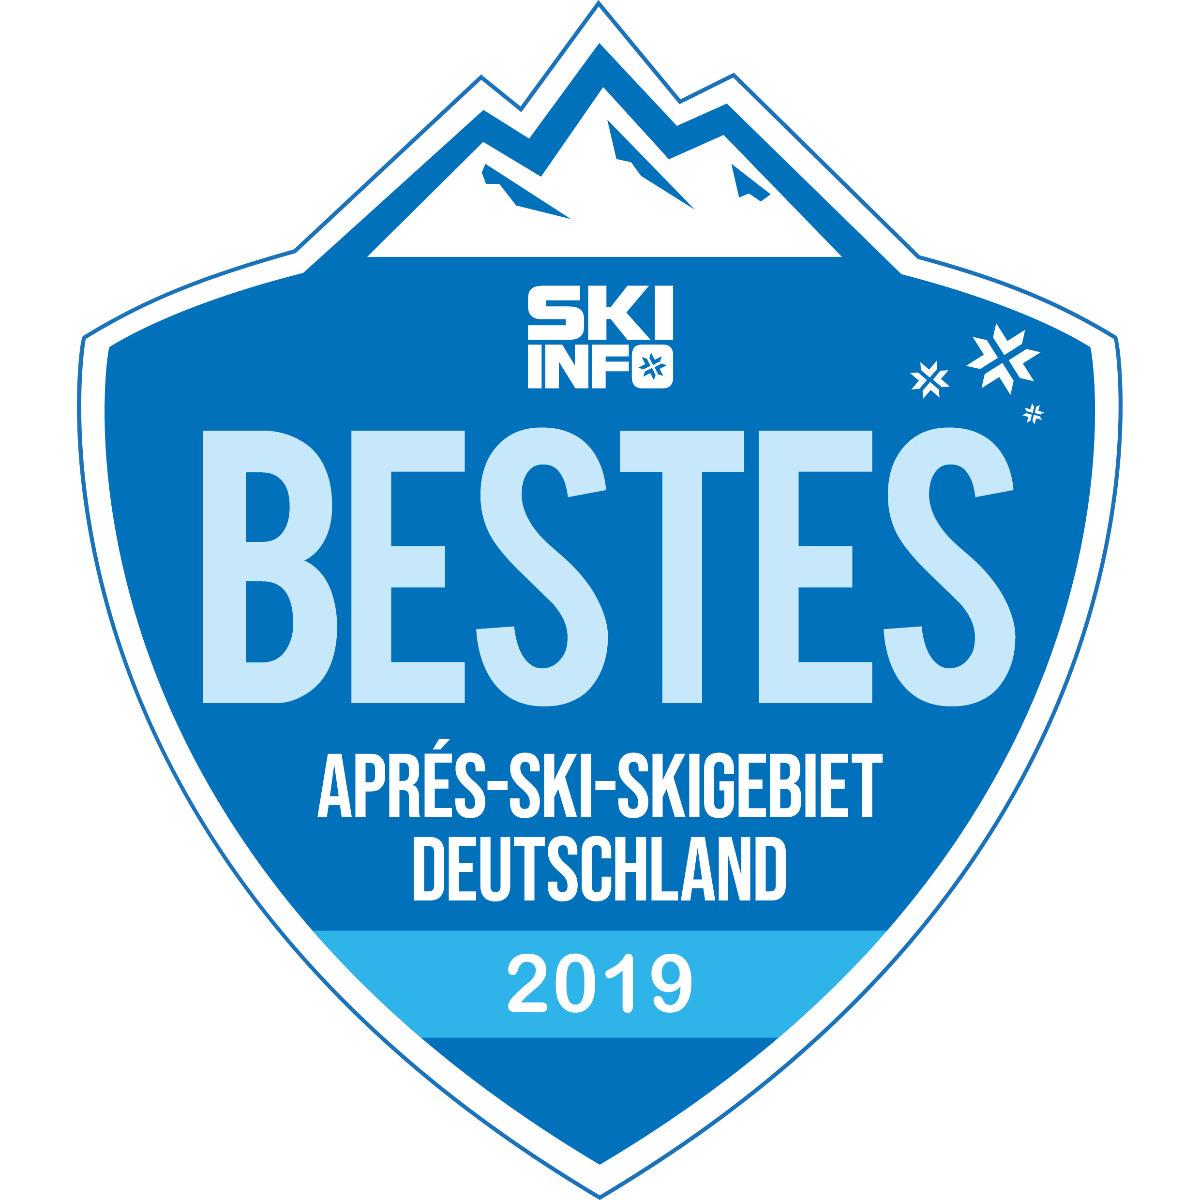 Bestes Aprés Ski Skigebiet Deutschland 2018/2019